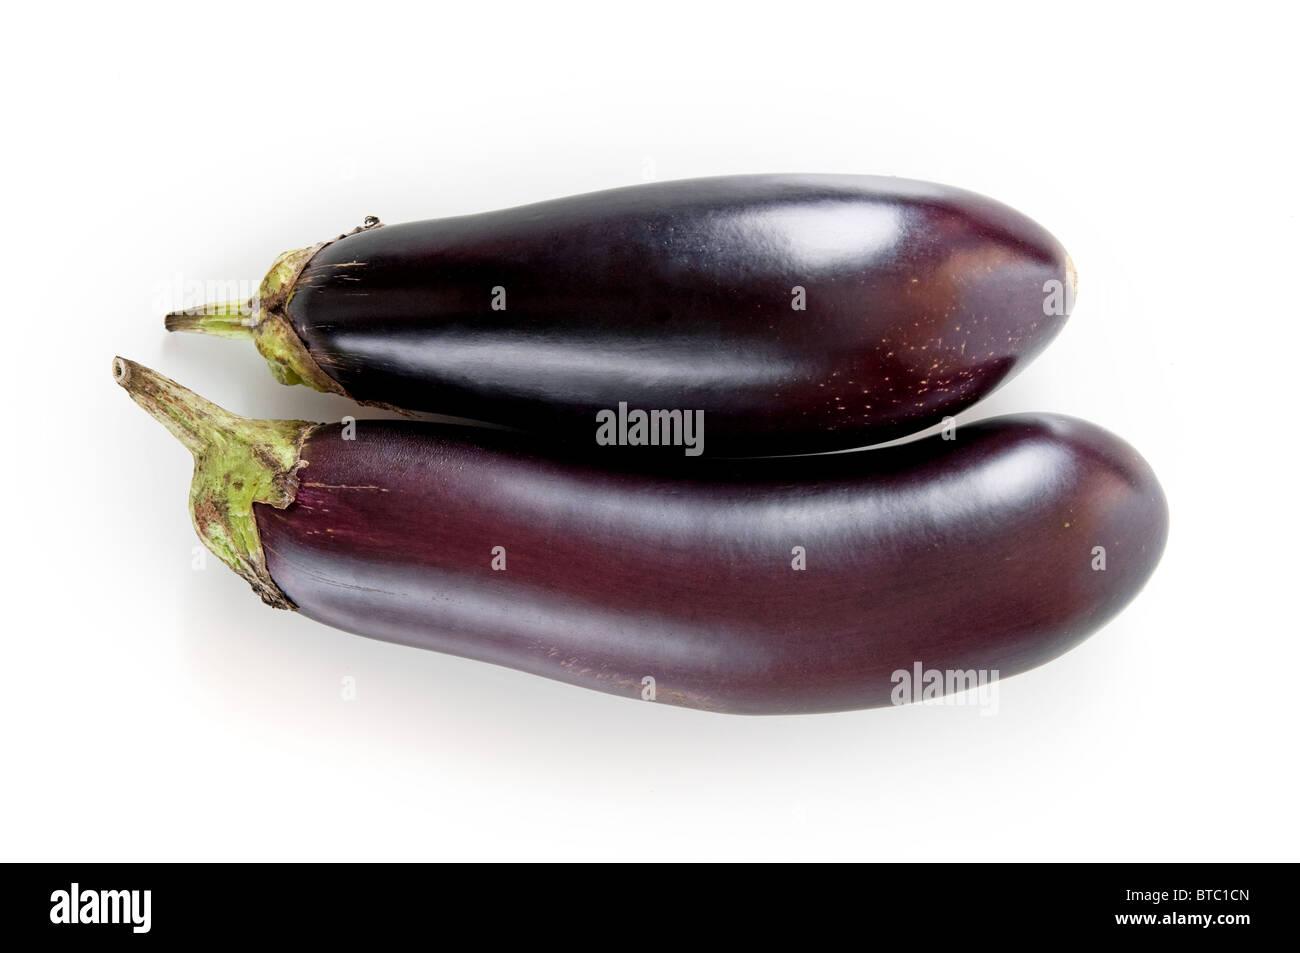 fresh eggplant on a white background - Stock Image